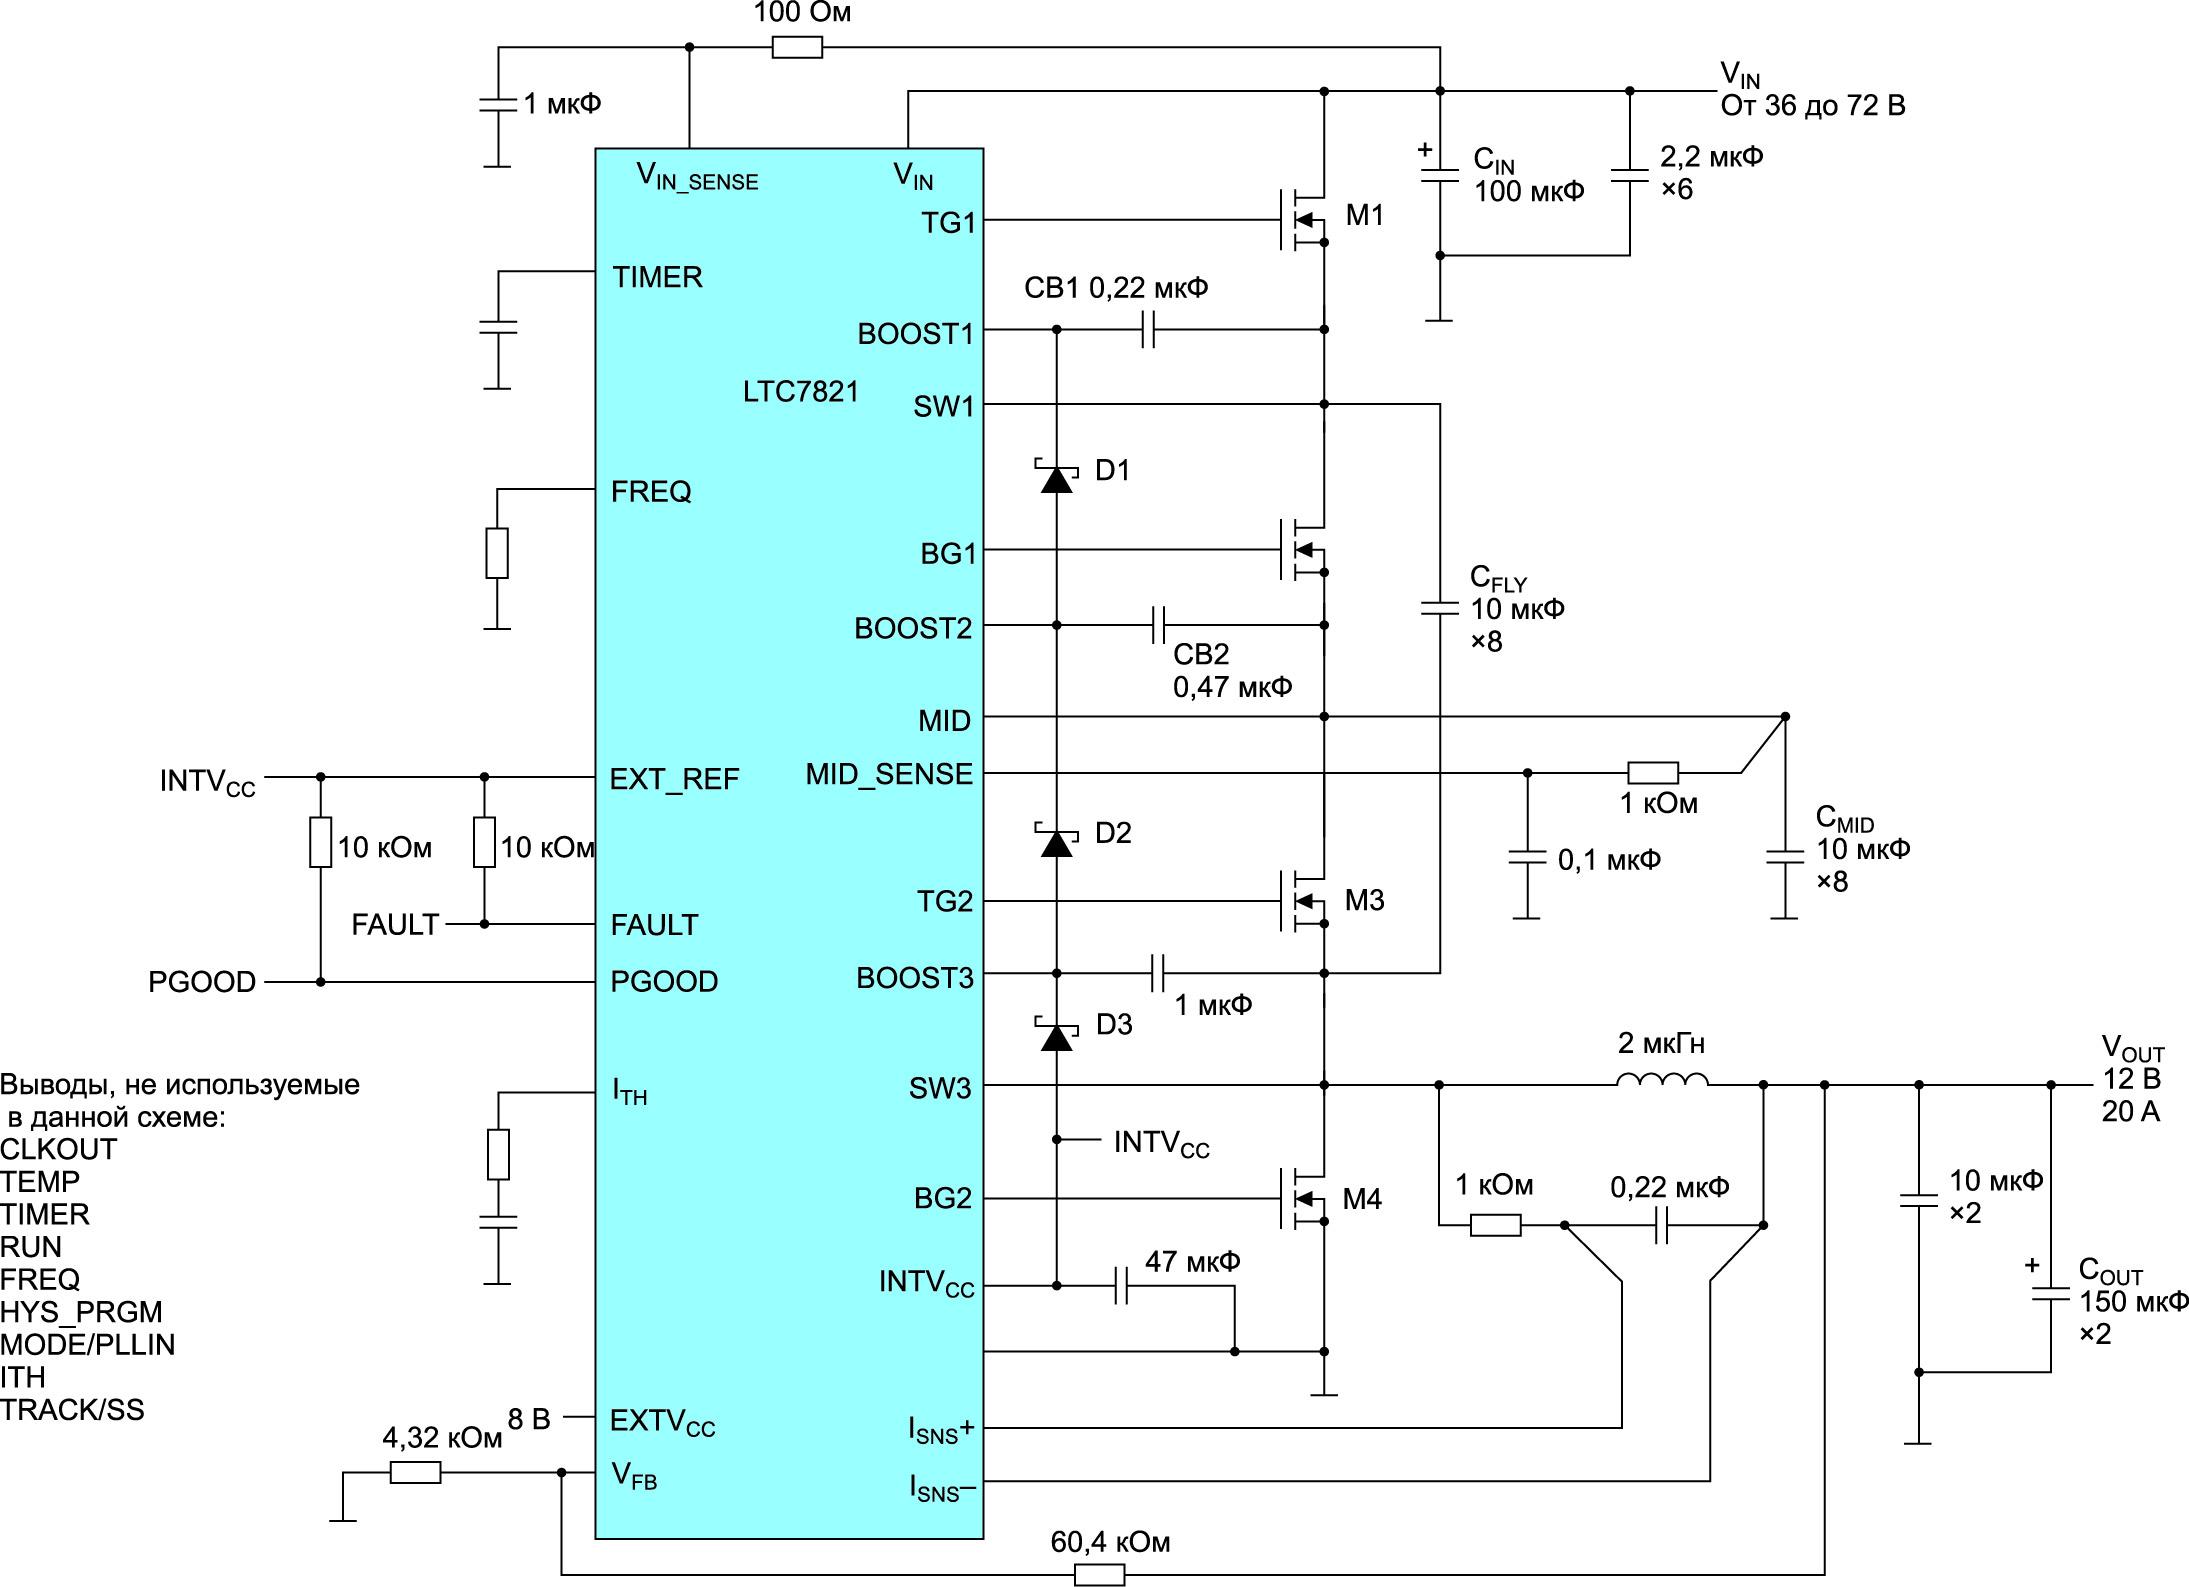 Контроллер LTC7821 в схеме понижающего DC/DС-преобразователя с входным напряжением VIN 36–72 В и выходным VOUT = 12 В с током нагрузки до 20 А